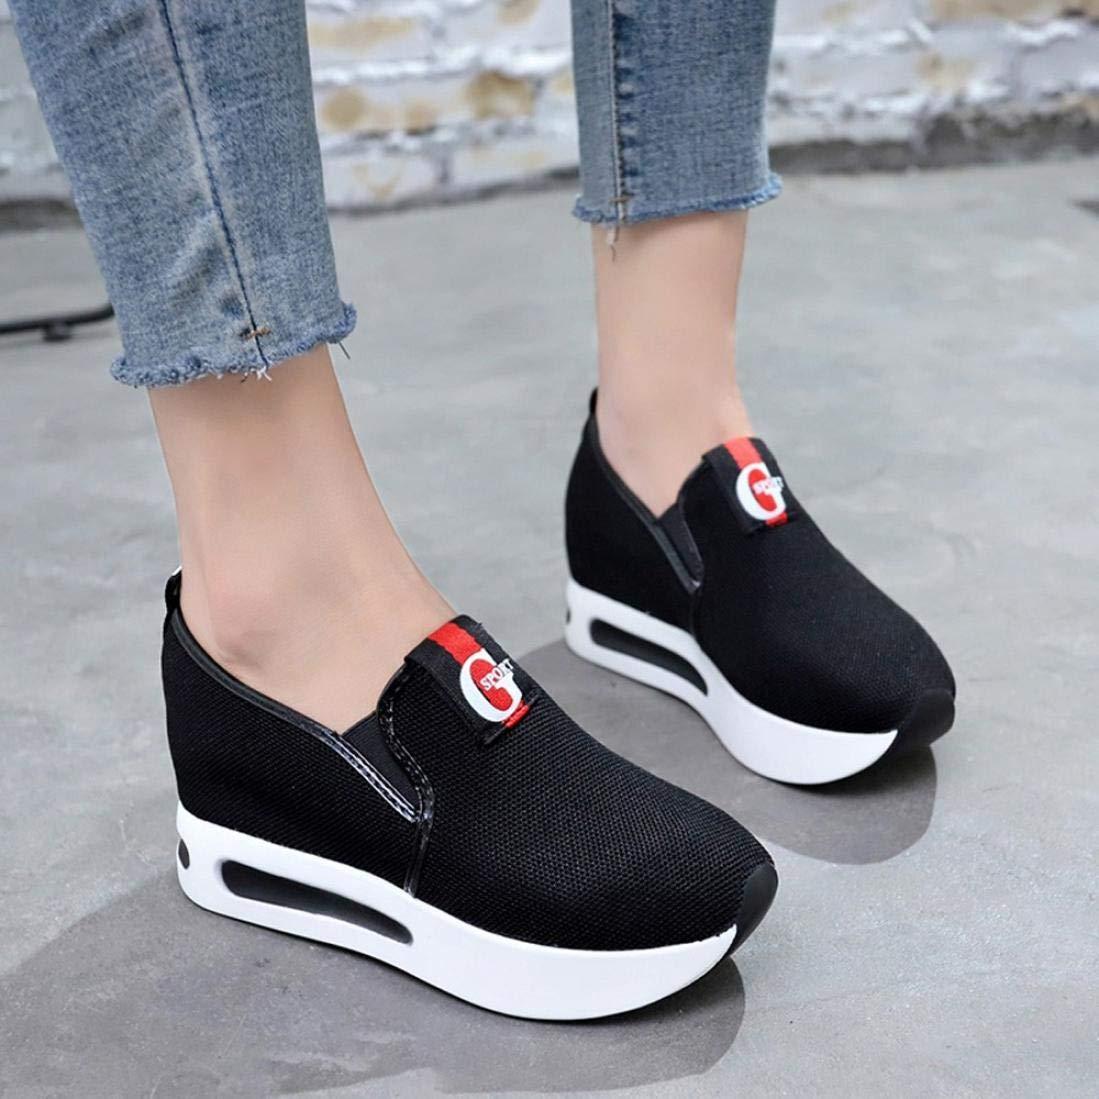 Covermason Zapatos Acelerar los zapatos, ocasionales de la plataforma de las mujeres zapatos Pendiente de malla respirable gruesa: Amazon.es: Ropa y ...